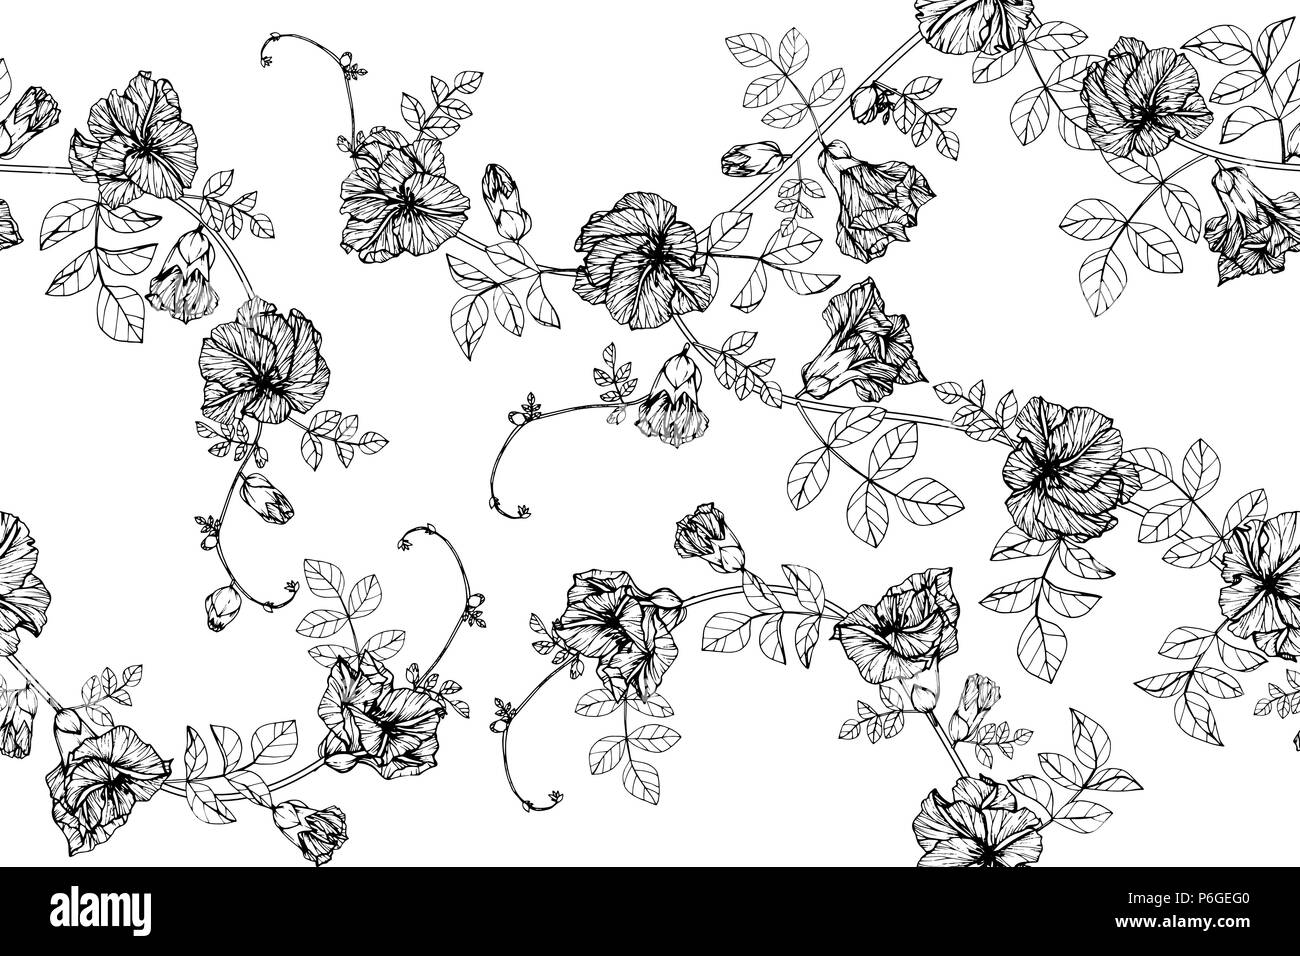 Nahtlose Butterfly Pea Flower Muster Hintergrund Schwarz Und Weiß